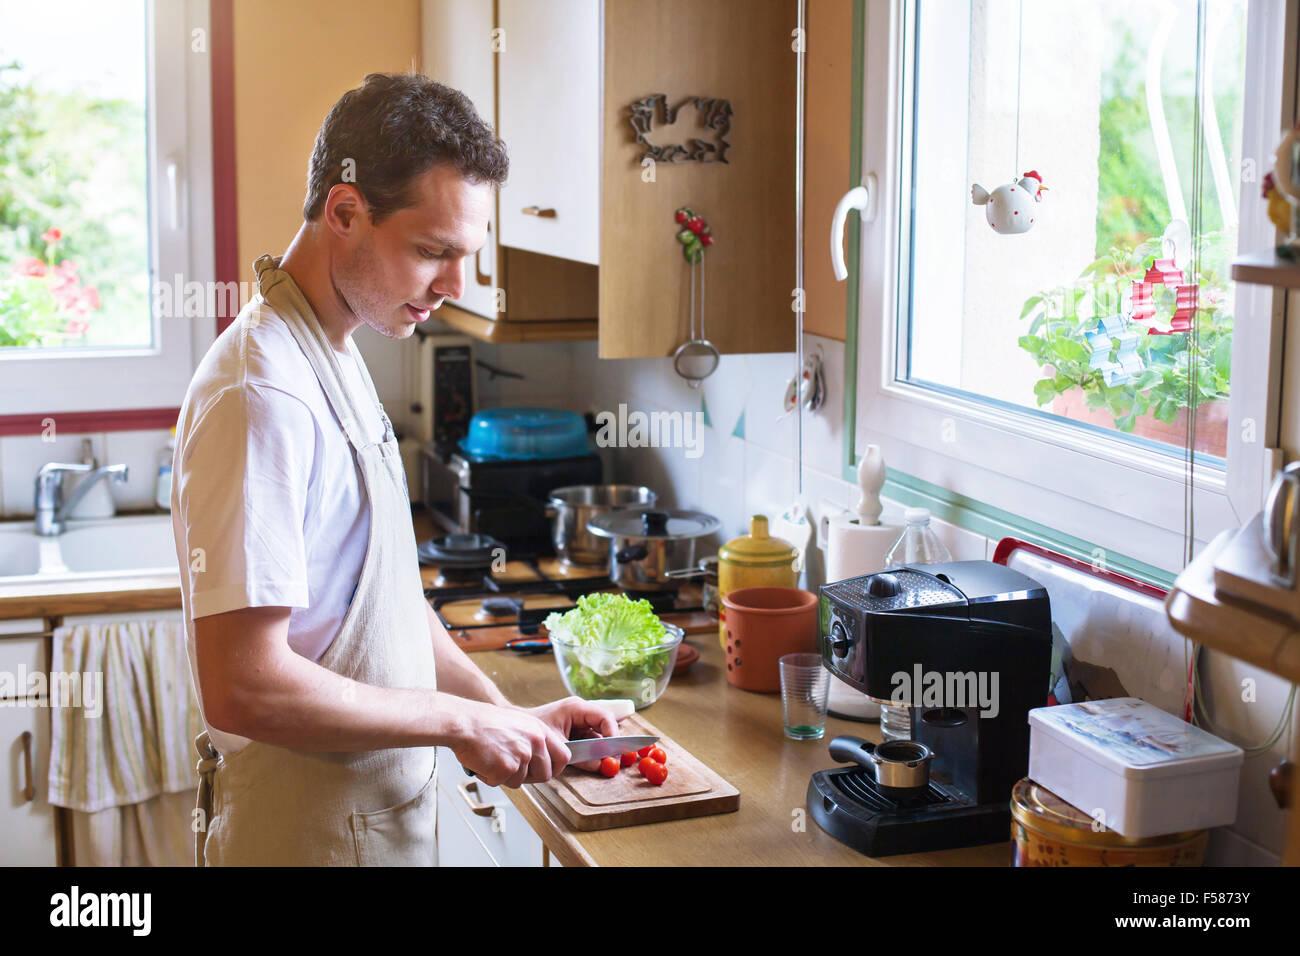 gesund kochen, junge männliche Beschneidung Tomaten in der Küche Stockbild